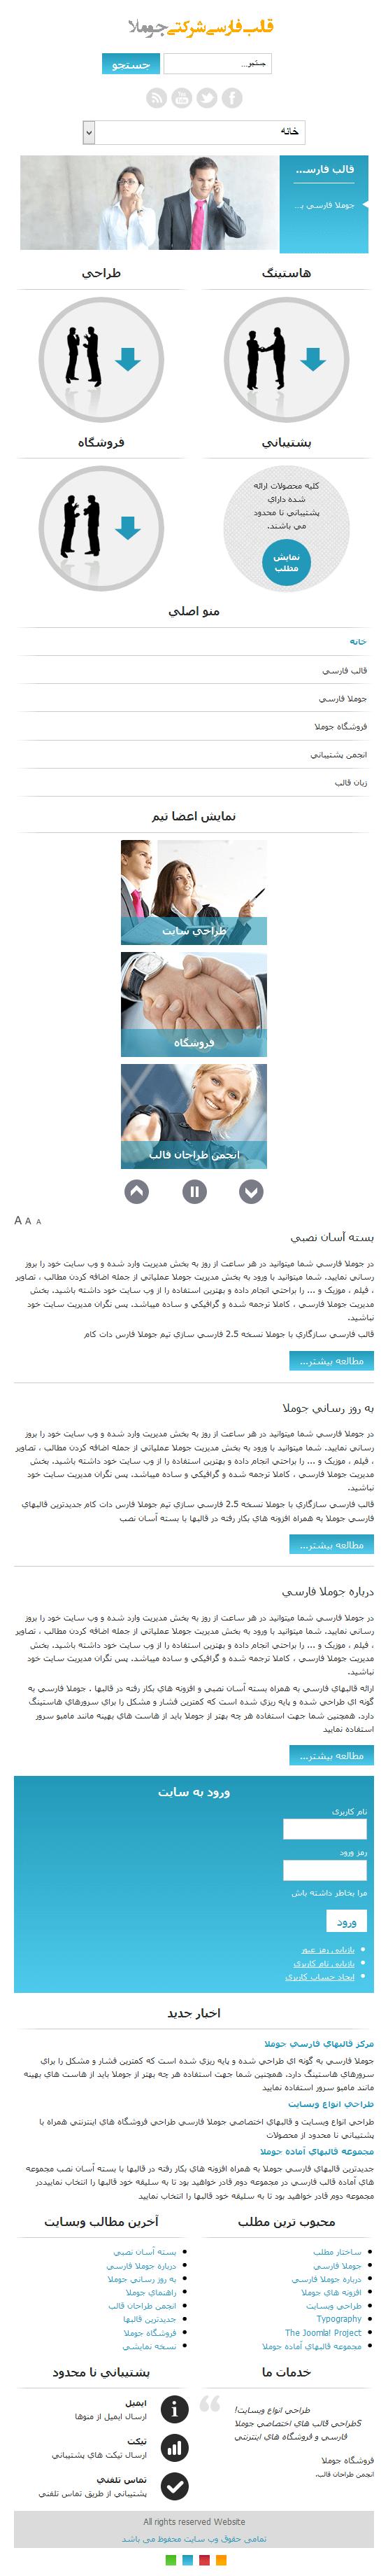 حالت تبلت سایت شرکتی تکنو